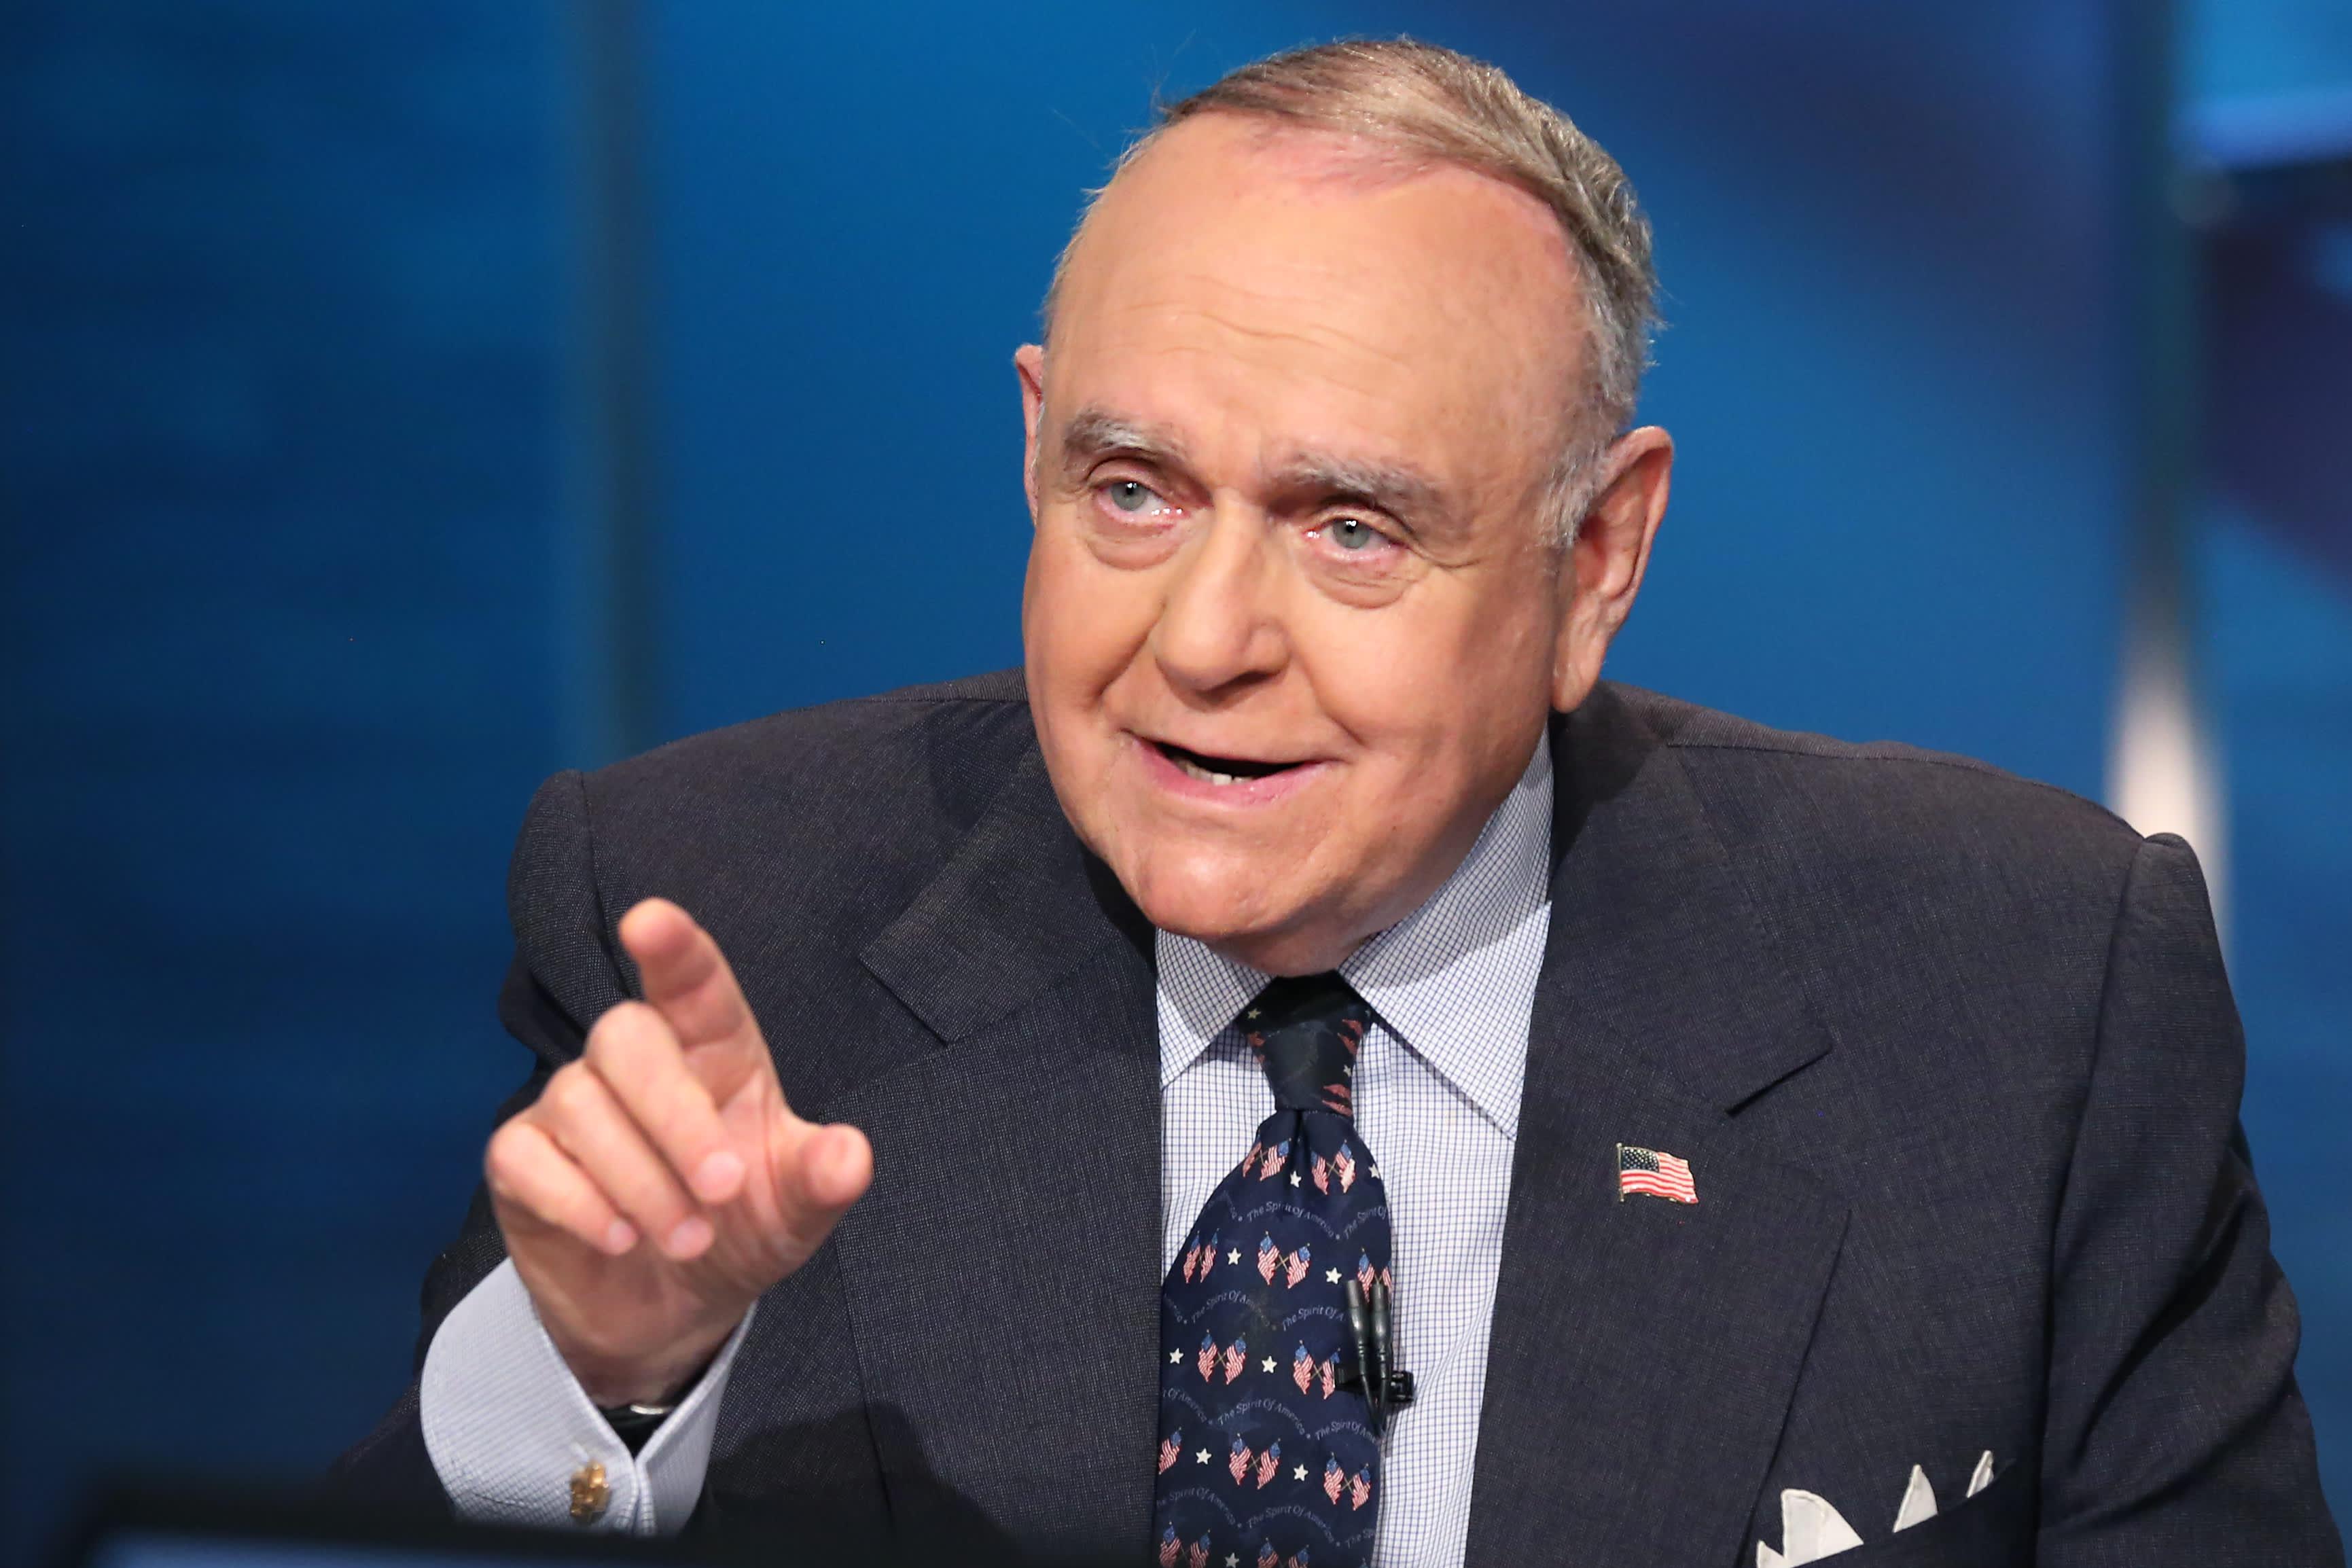 Leon Cooperman to Warren and Sanders: 'Stop treating billionaires as criminals'